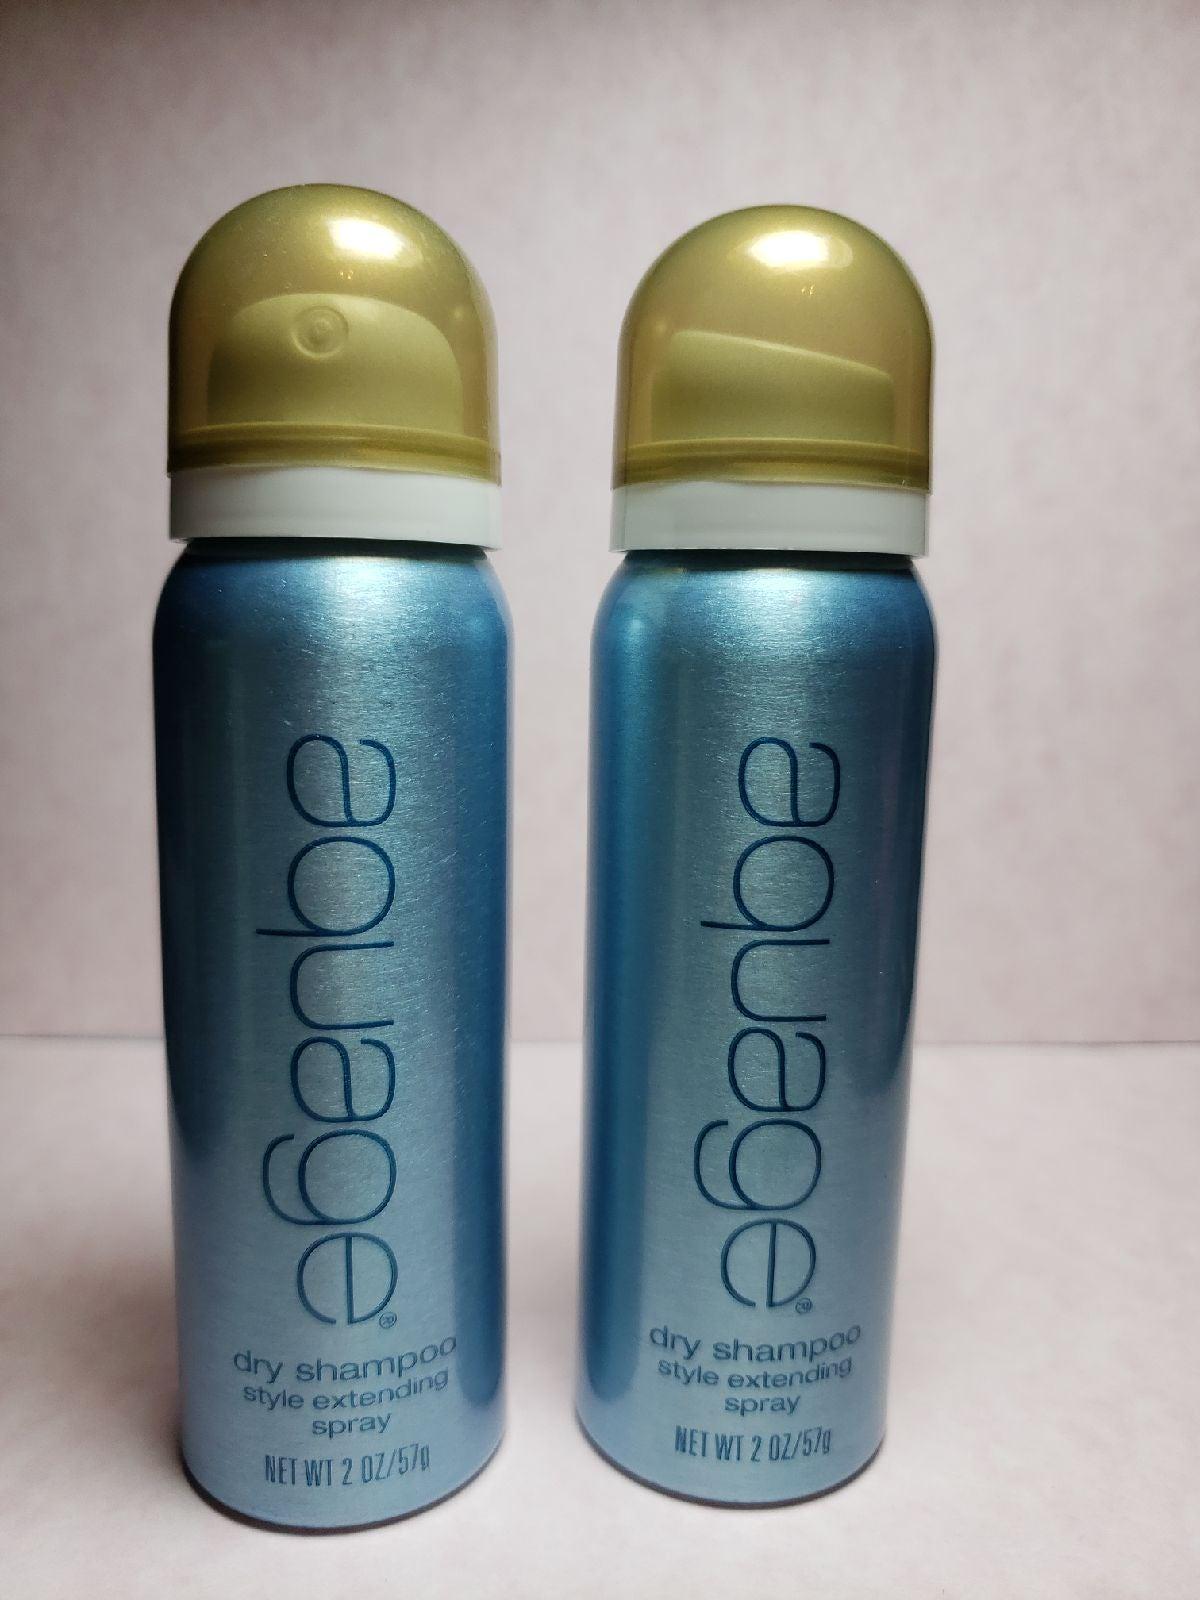 2X Aquage Dry Shampoo 2oz. Travel Size